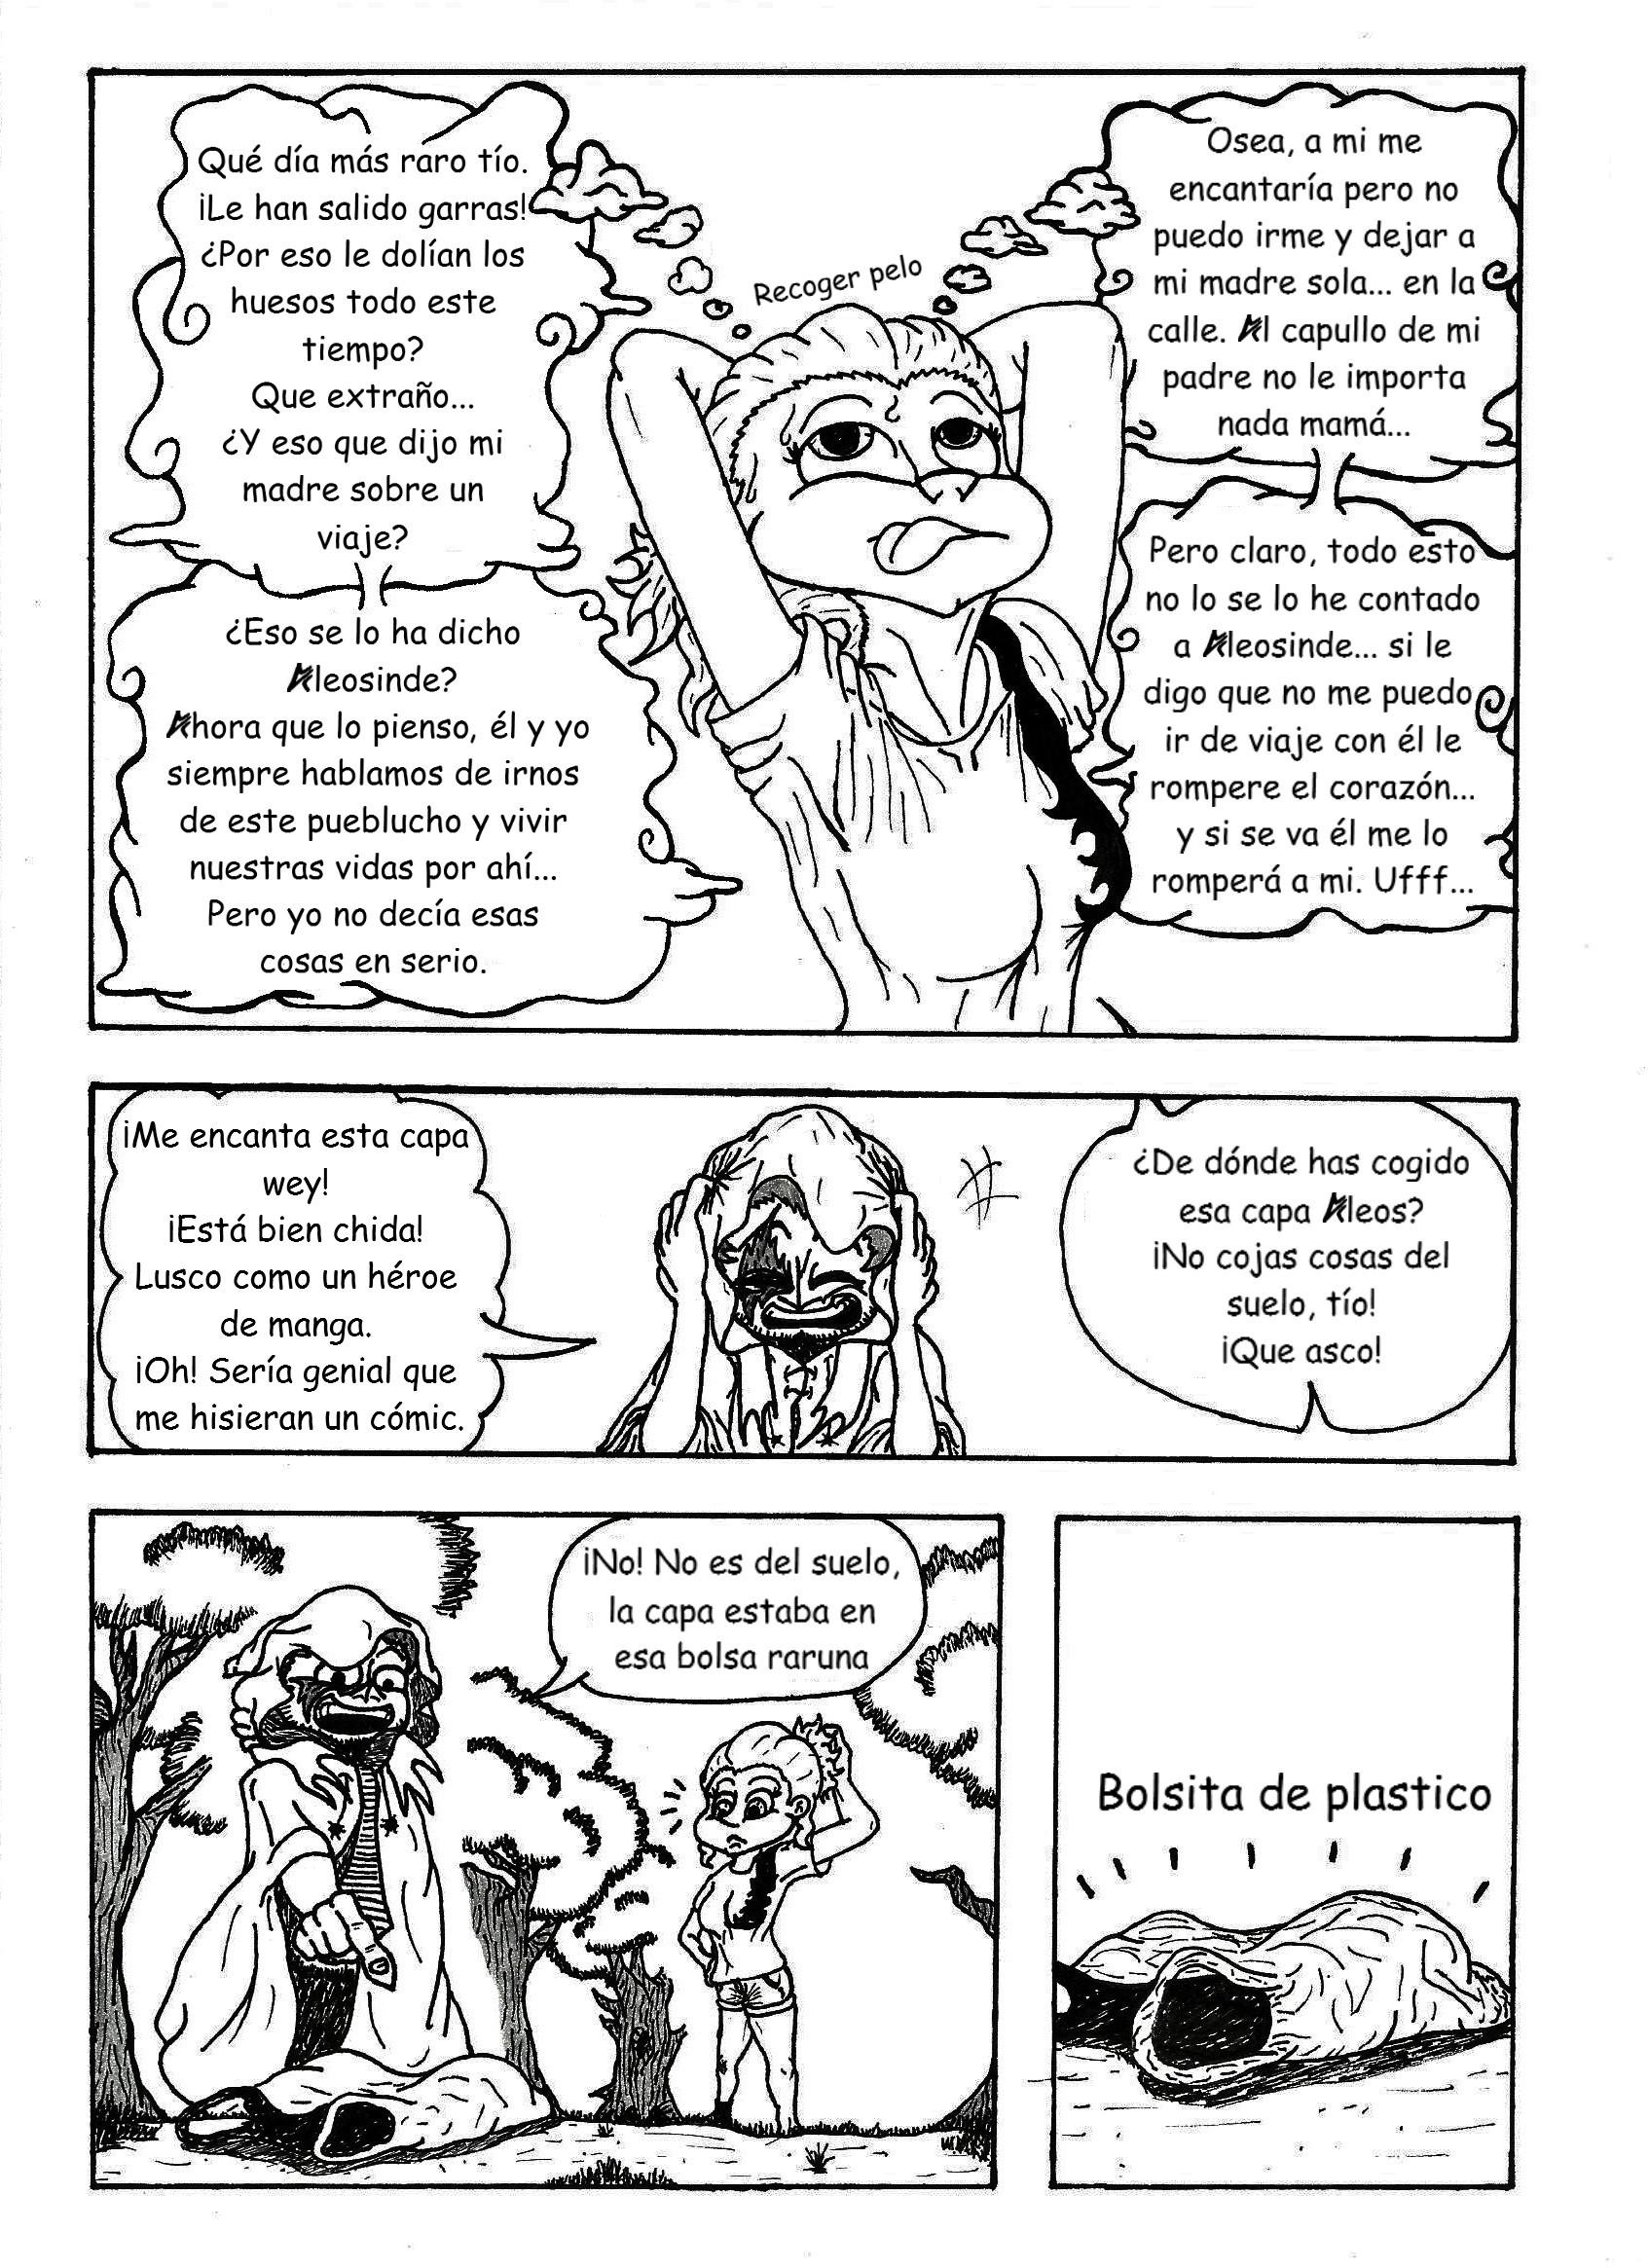 Avatar_01_J_Angel_Casado_Fuster_pagina00031